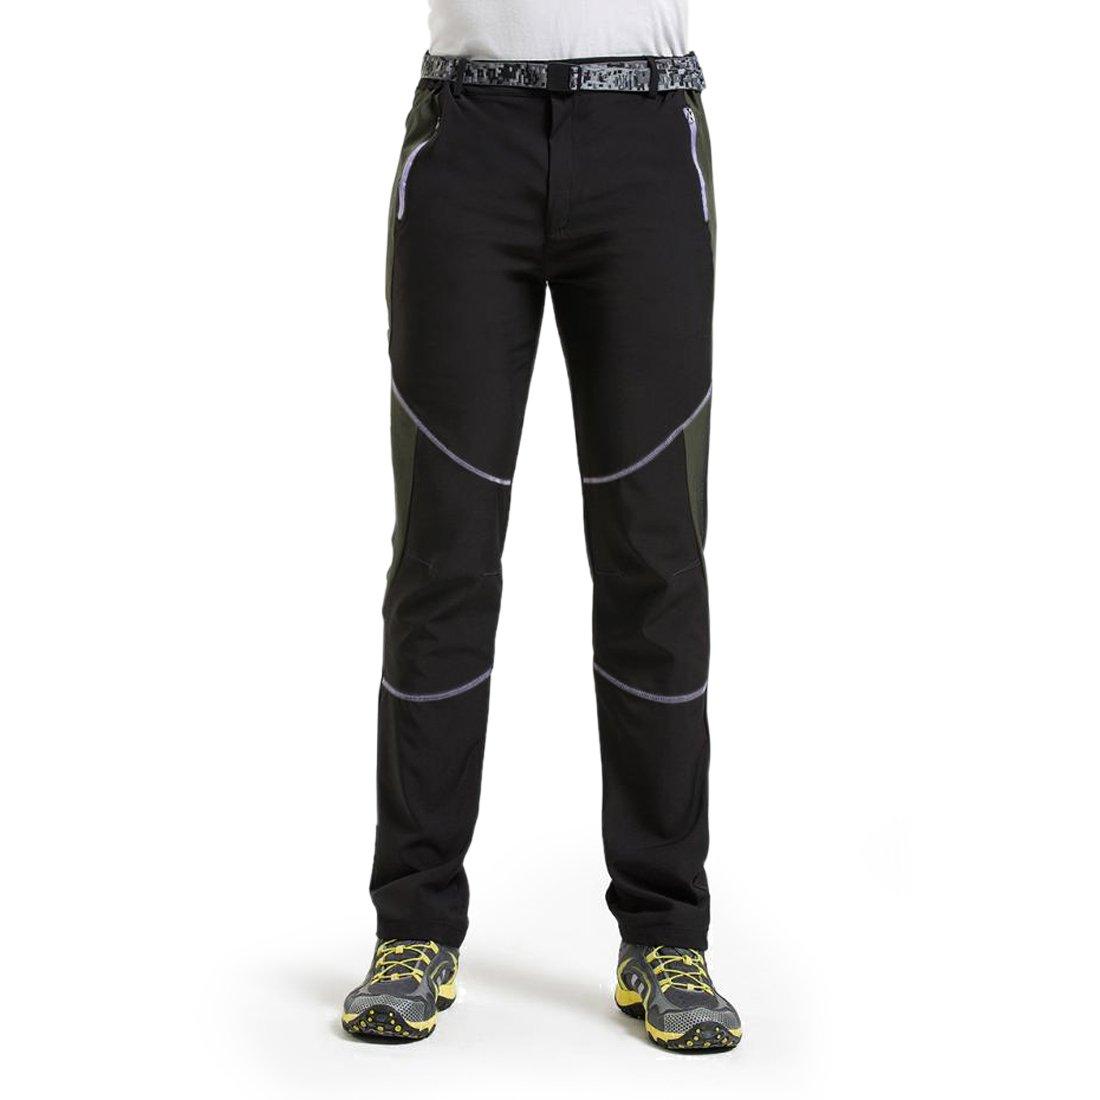 LUI SUI Pantalones de Senderismo de Secado r/ápido al Aire Libre para Hombre Pantalones Ligeros Transpirables a Prueba de Viento Pantalones para Caminar de Carga de Escalada de monta/ña